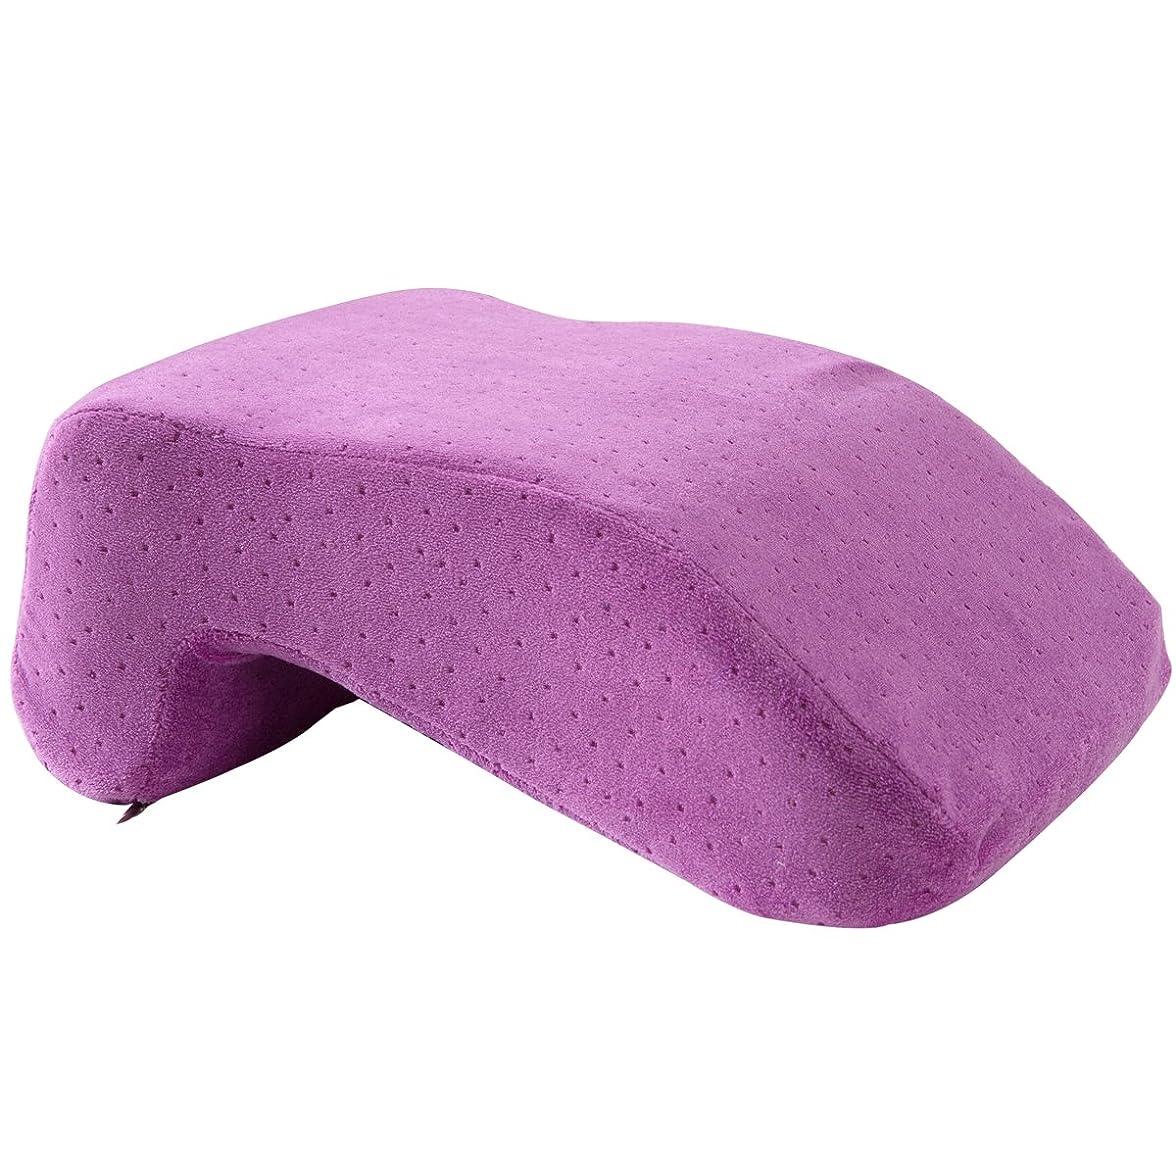 満たすハイブリッドサークルYUNCLOS お昼寝枕 まくら クッション 低反発 快適 洗濯可能 多機能 オフィス枕 デスク枕 携帯枕